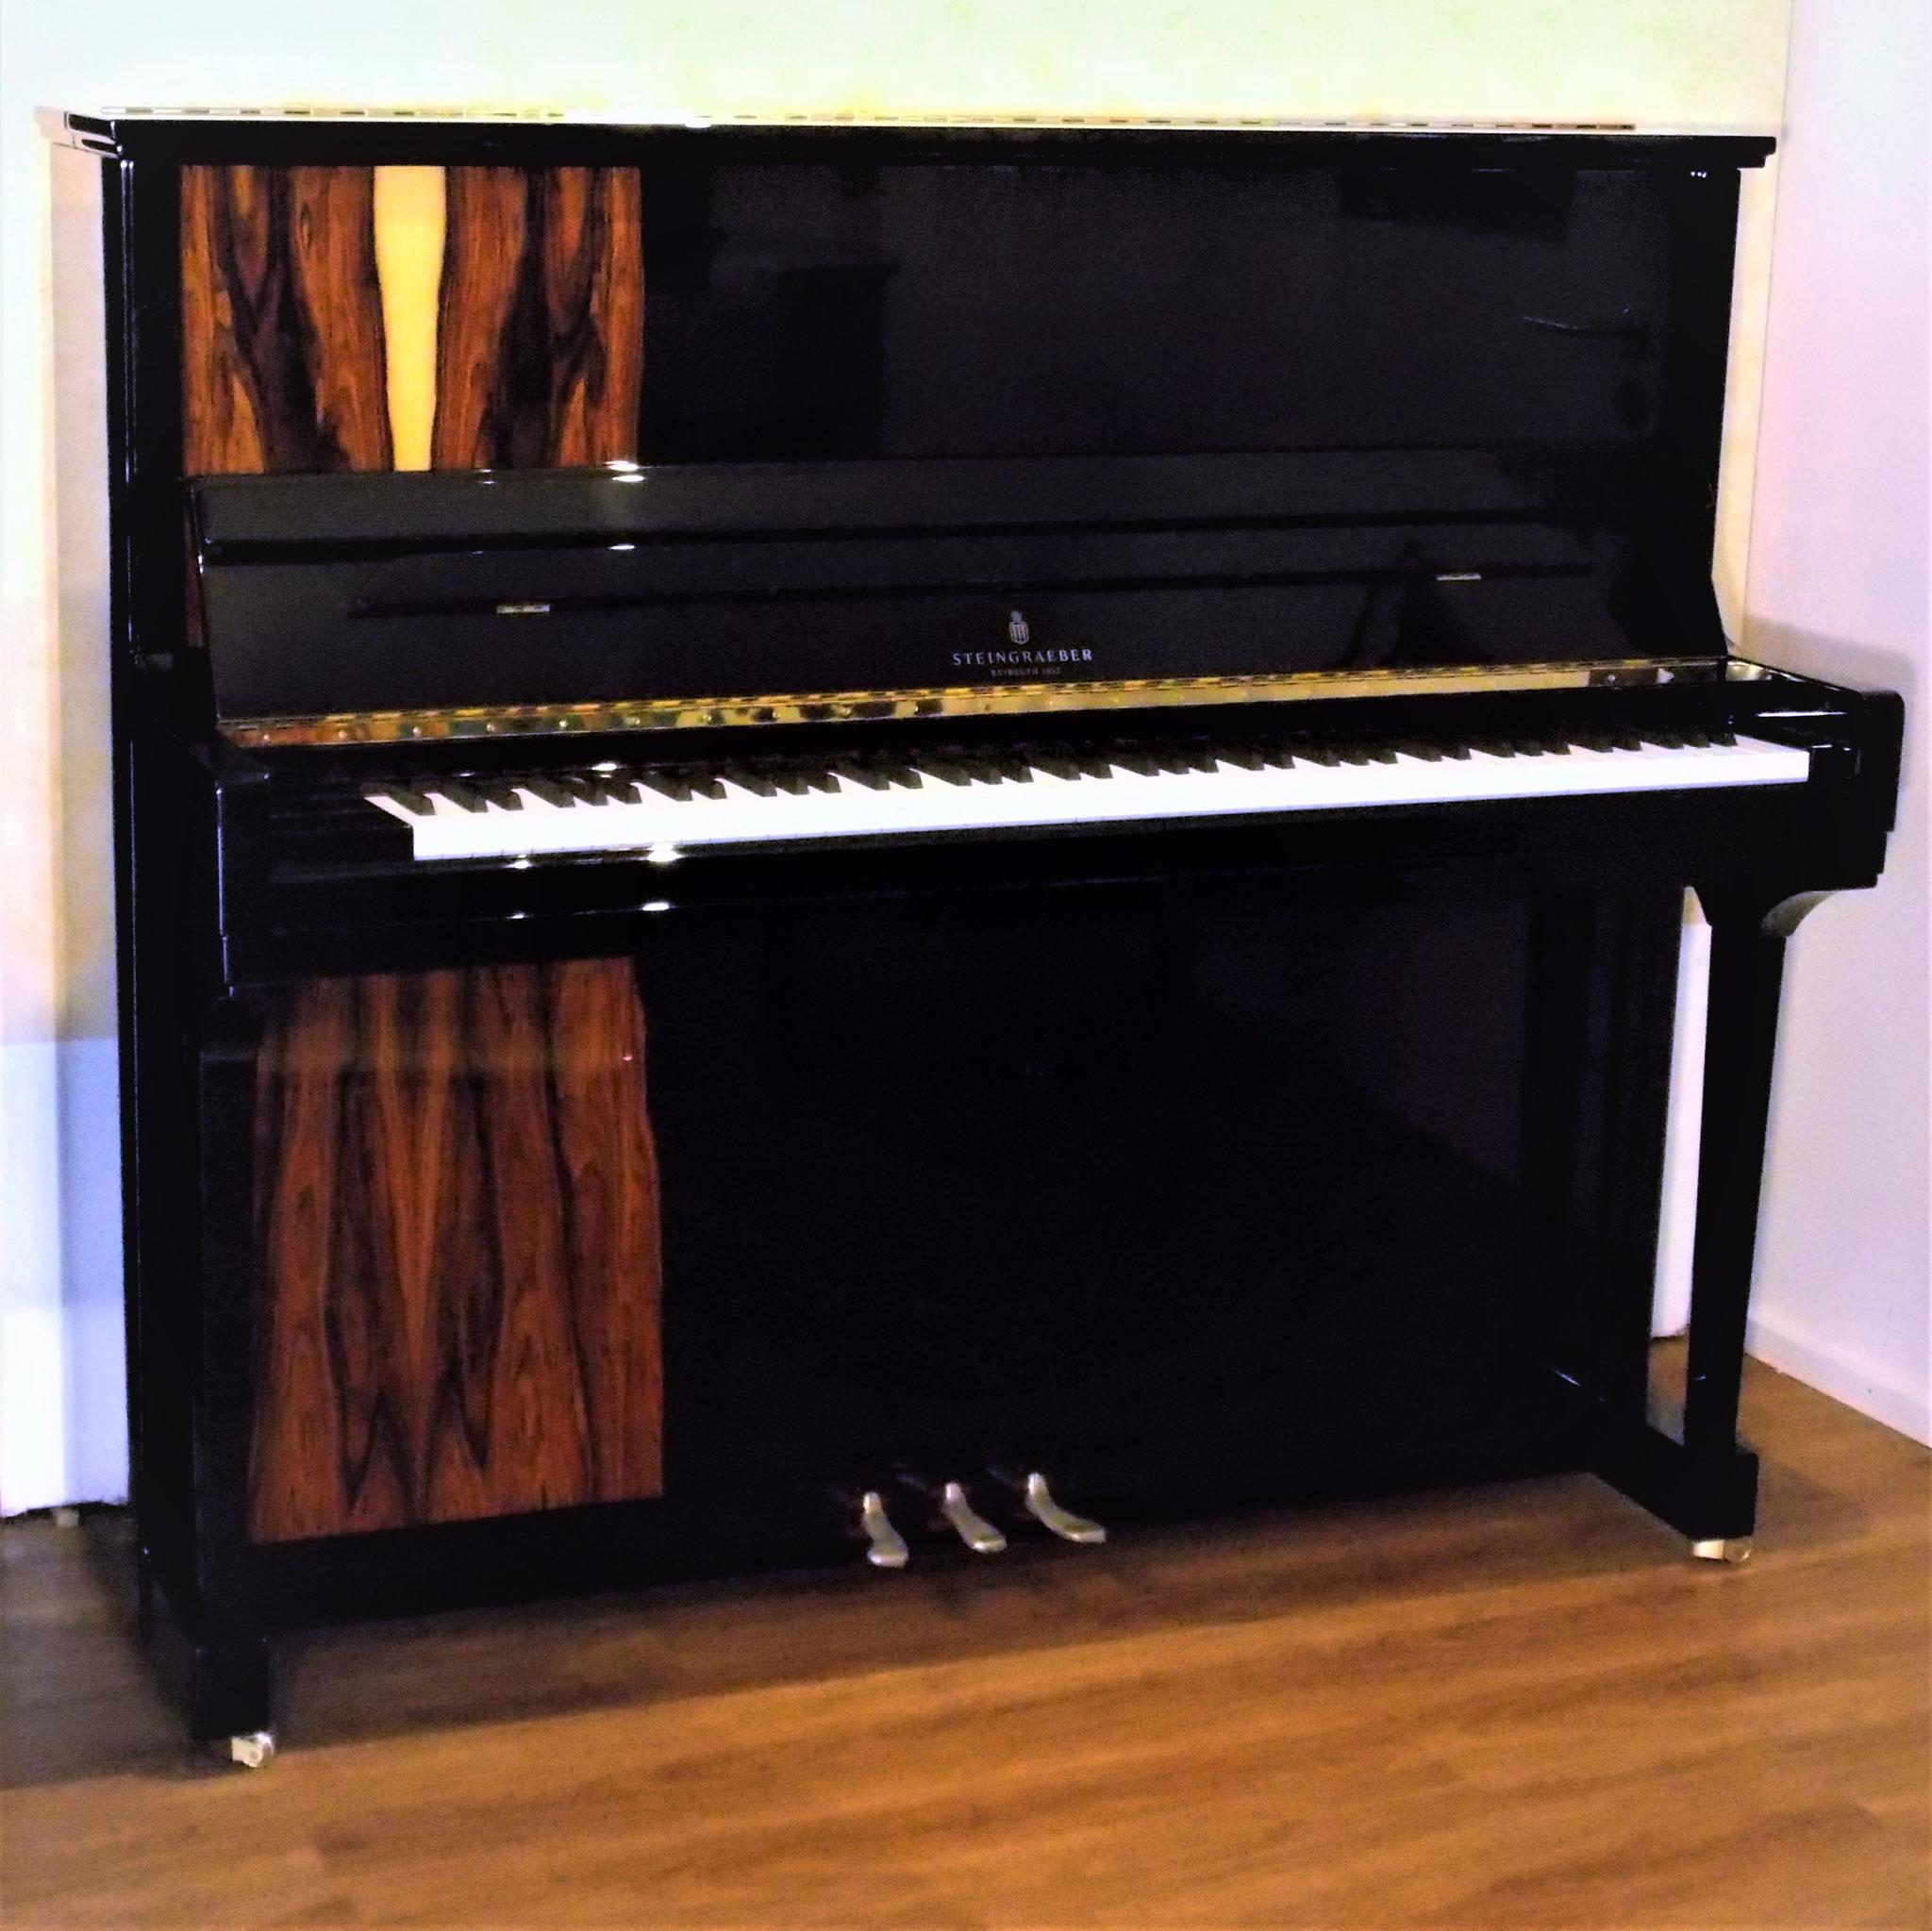 Top-Klavier mit Flügel-Sound: STEINGRAEBER